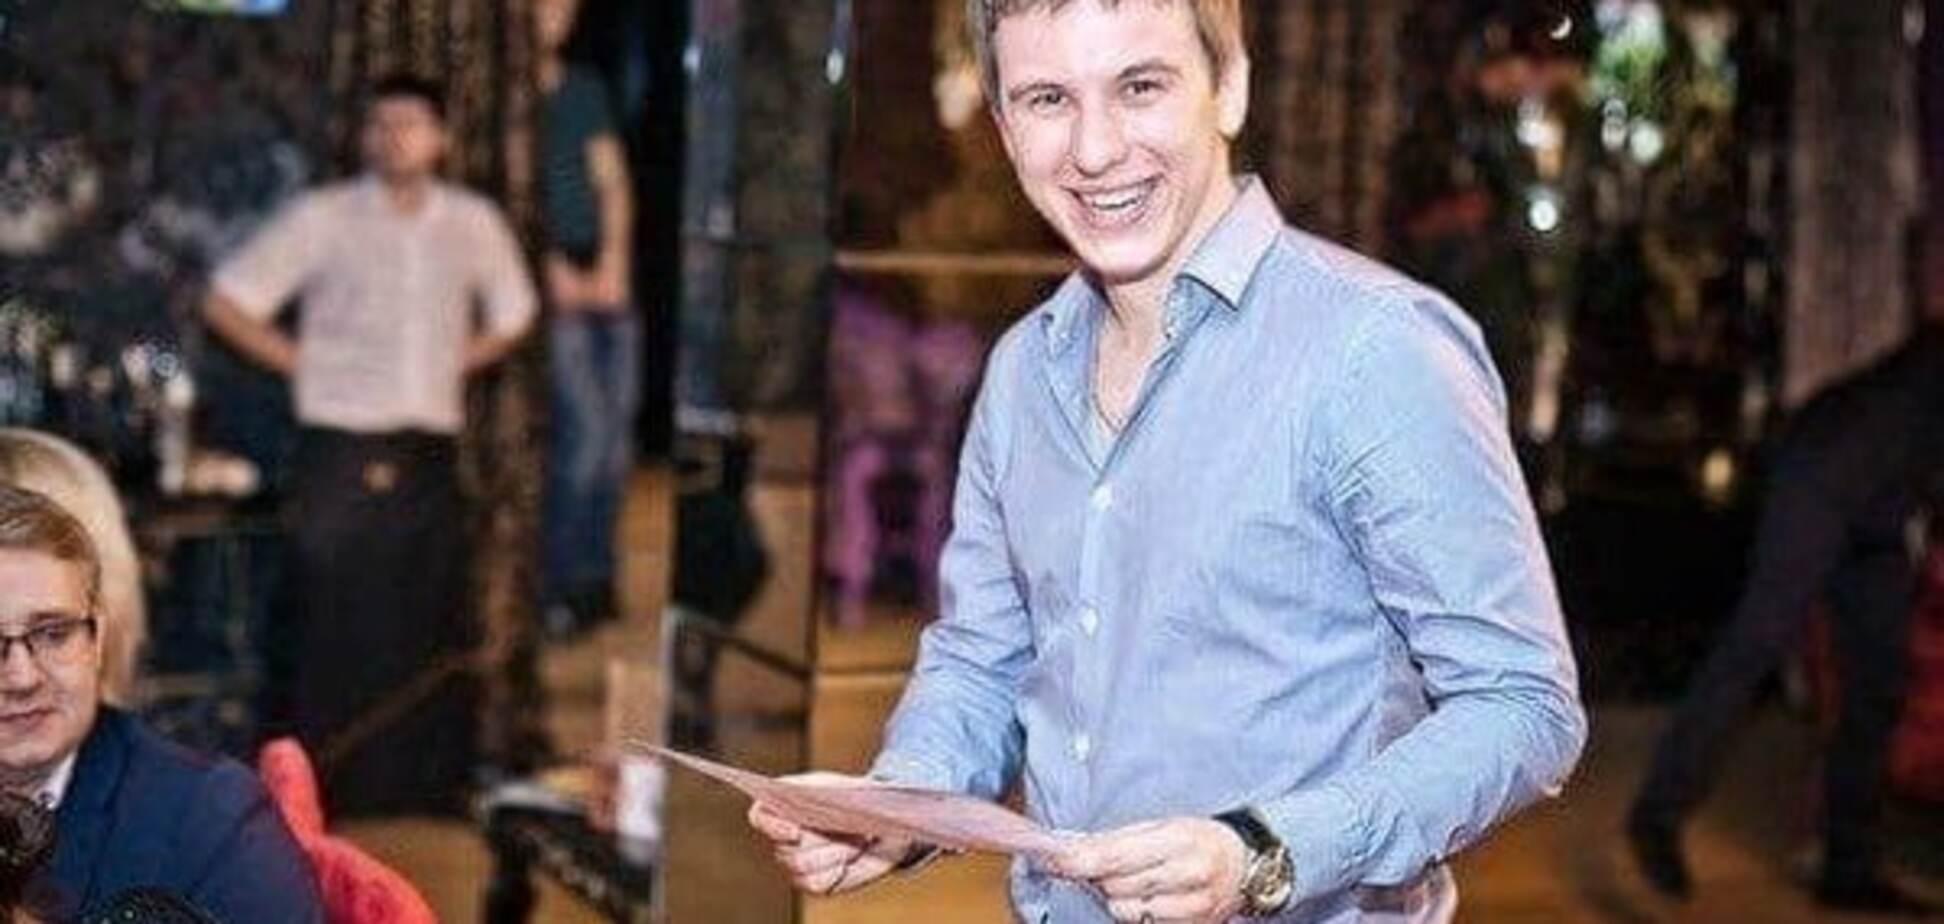 Розшук водія в Києві: поліція встановила особу зниклого попутника - ЗМІ